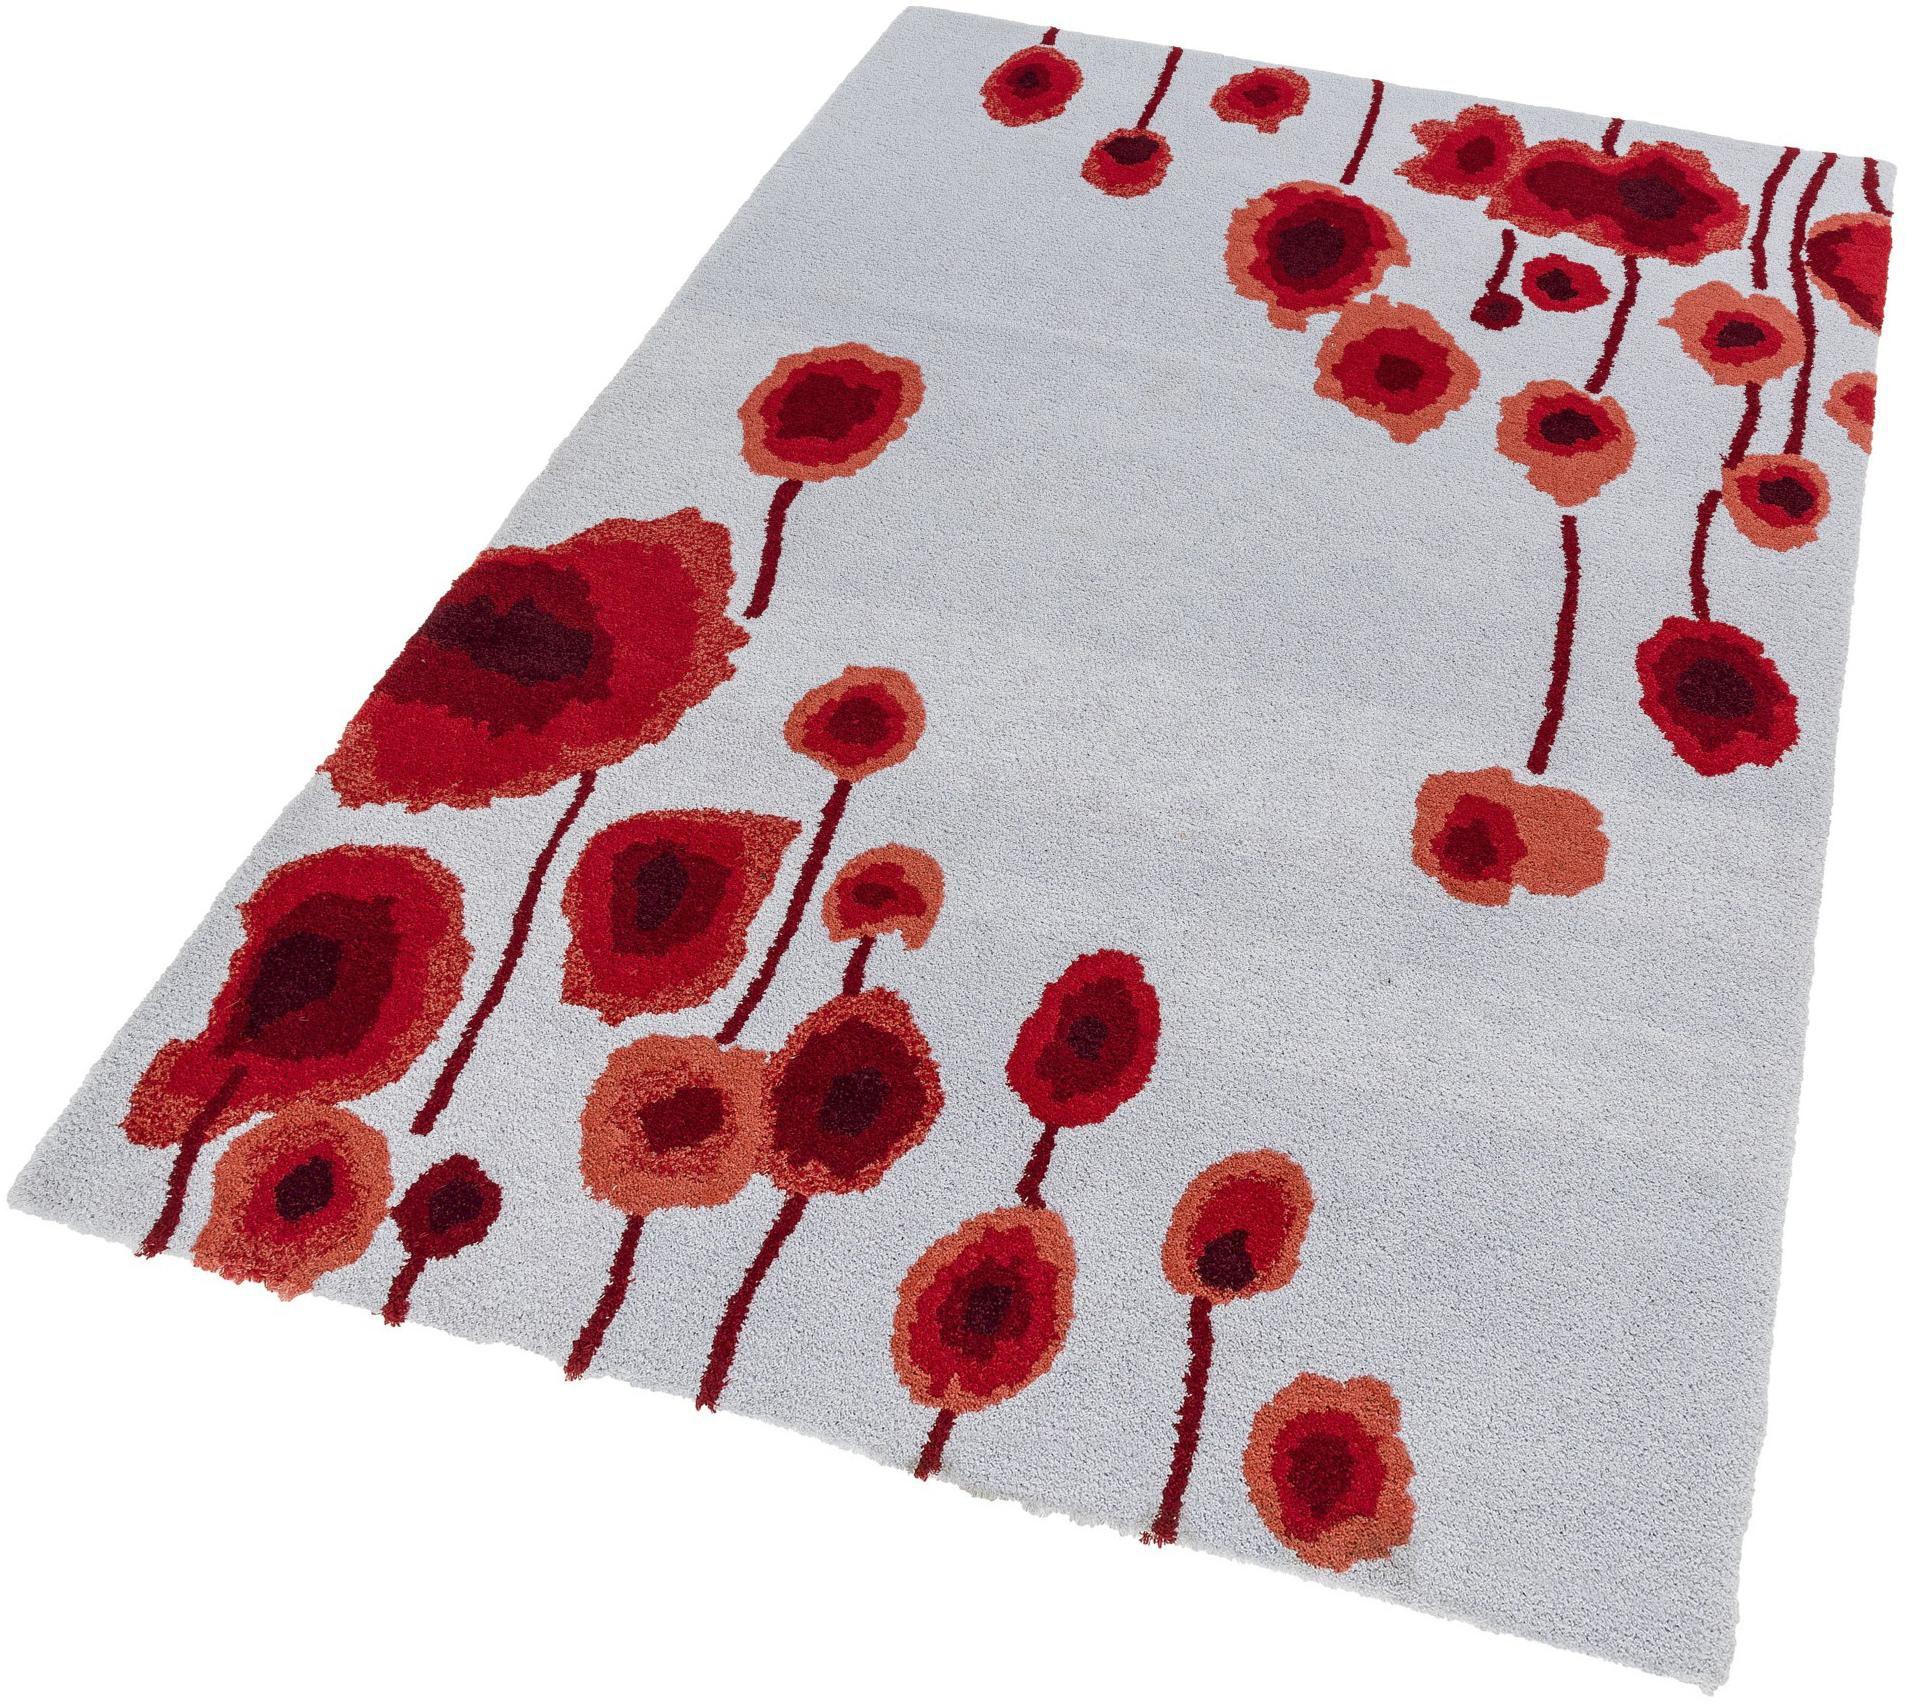 ASTRA Hochflor-Teppich, Astra, »Verona Blume«, Höhe 25 mm, getuftet